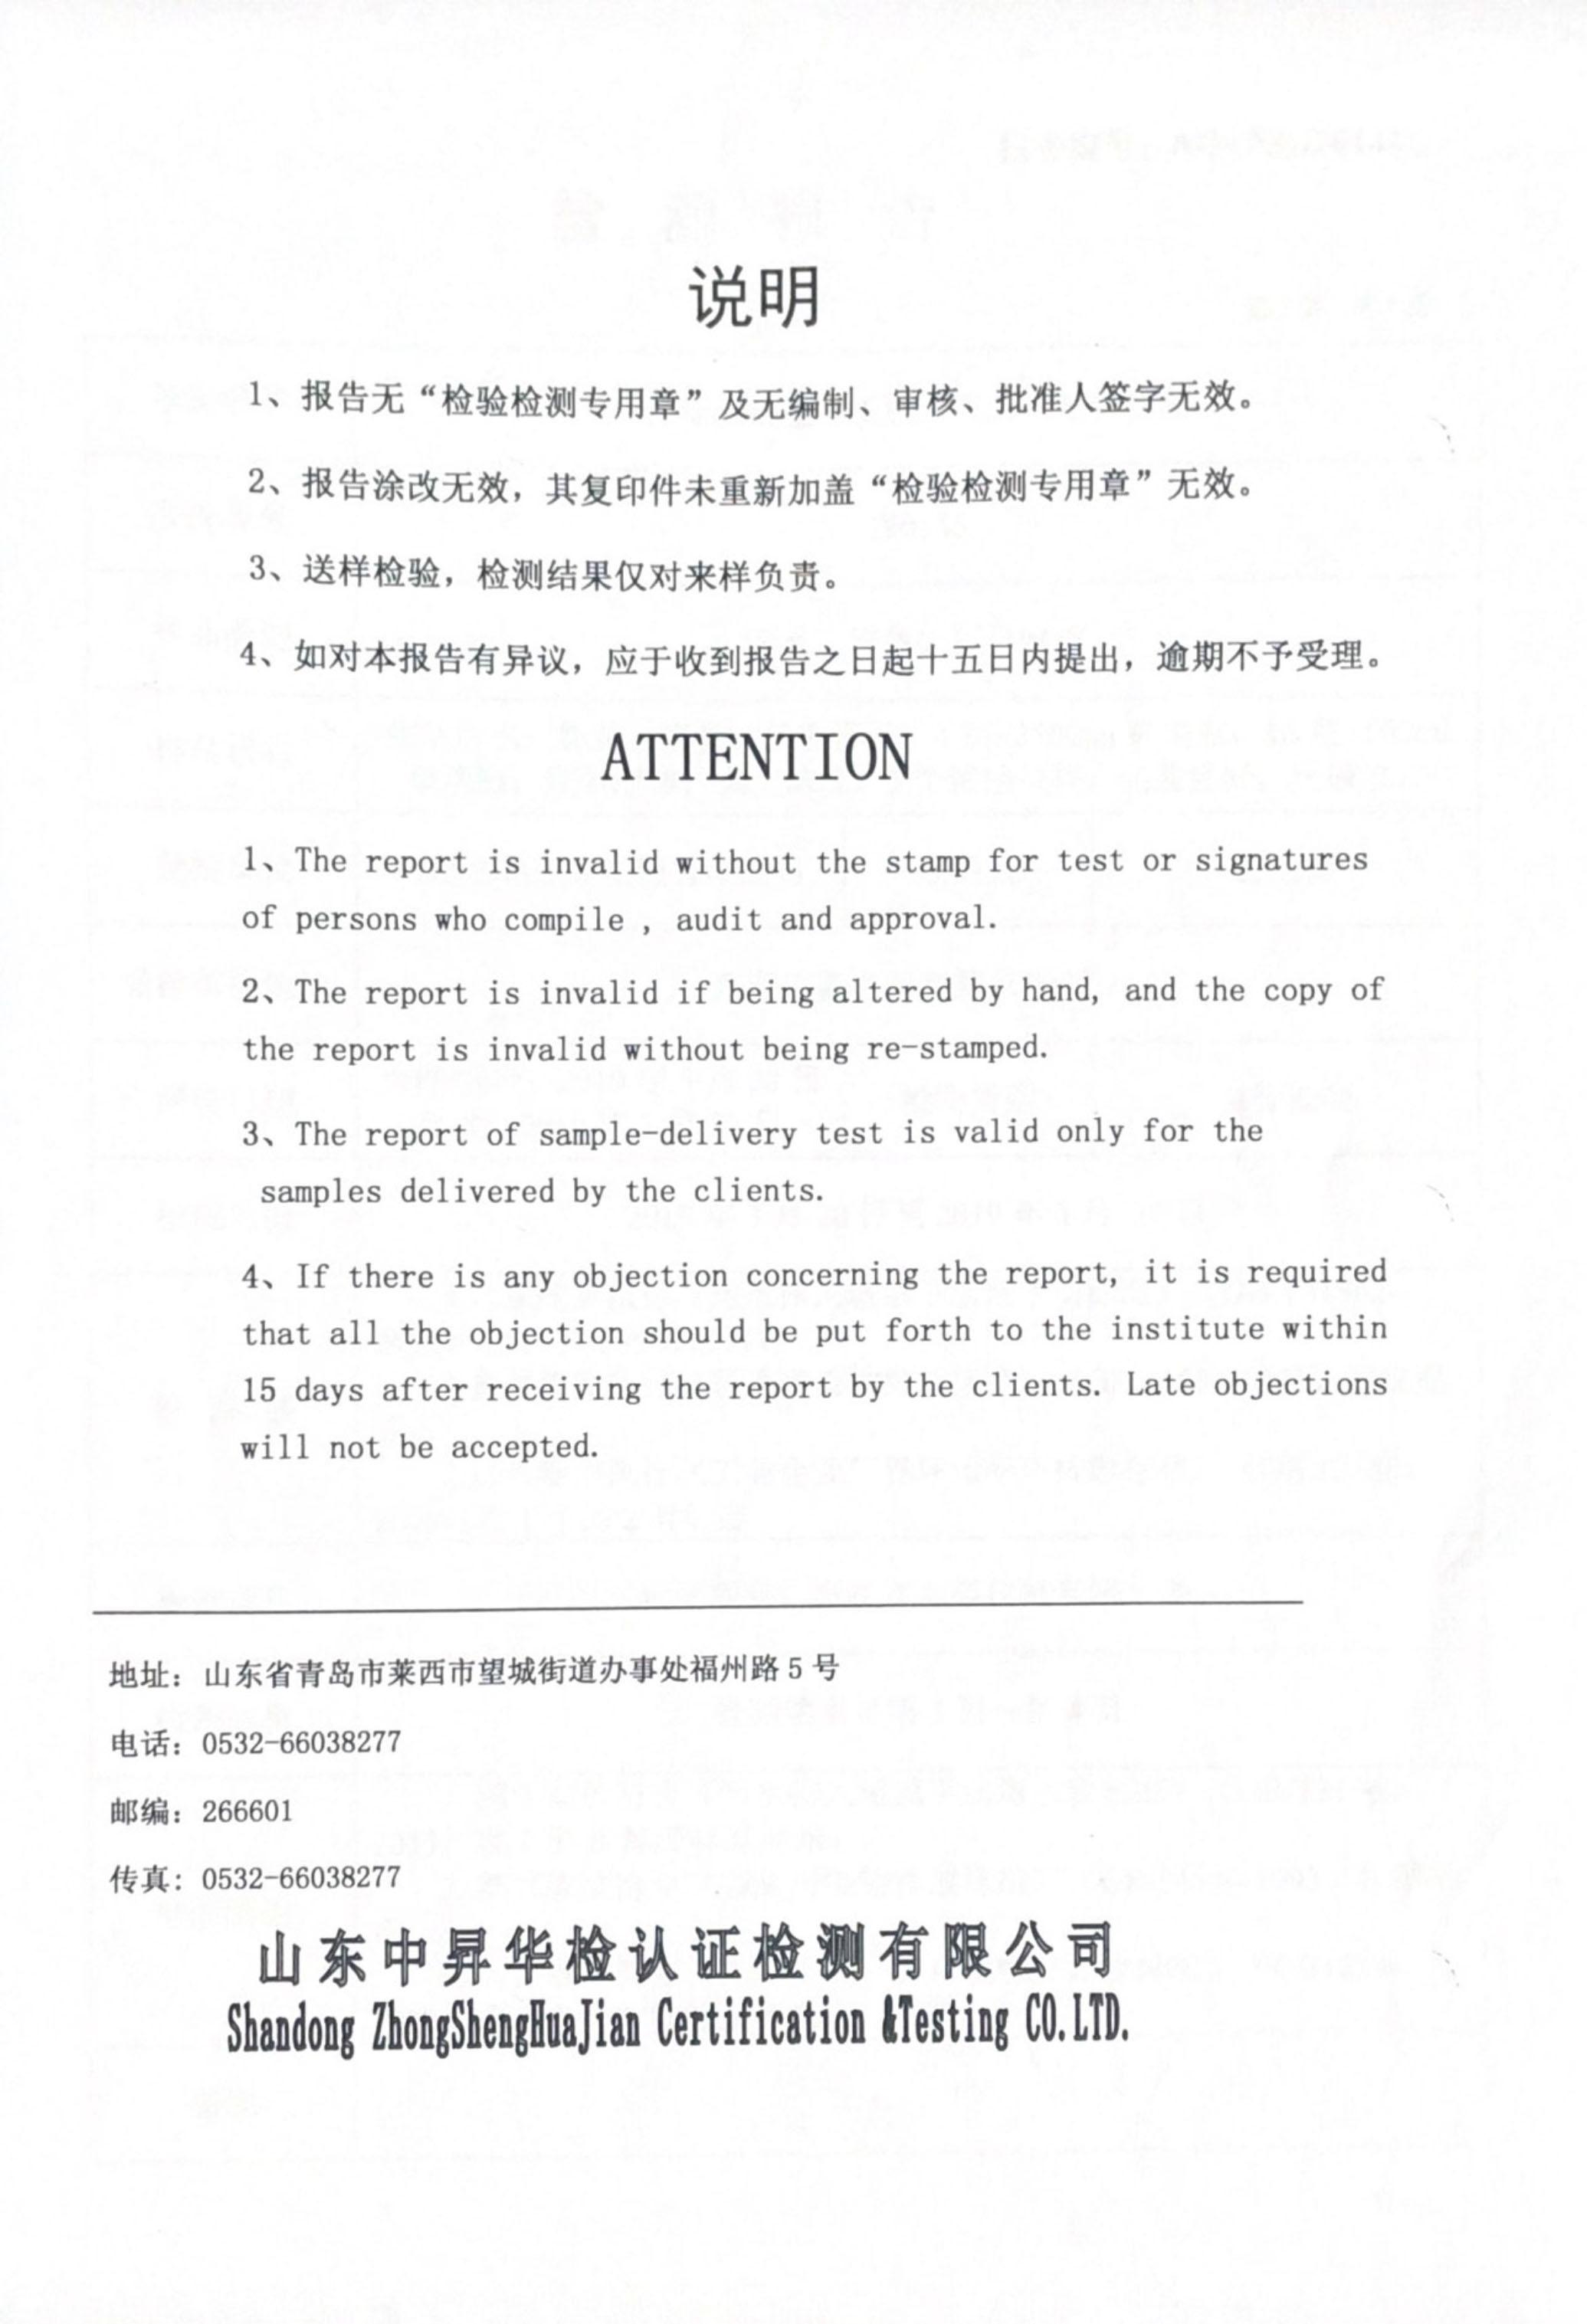 青岛海诺生物工程有限公司自行检测报告-2